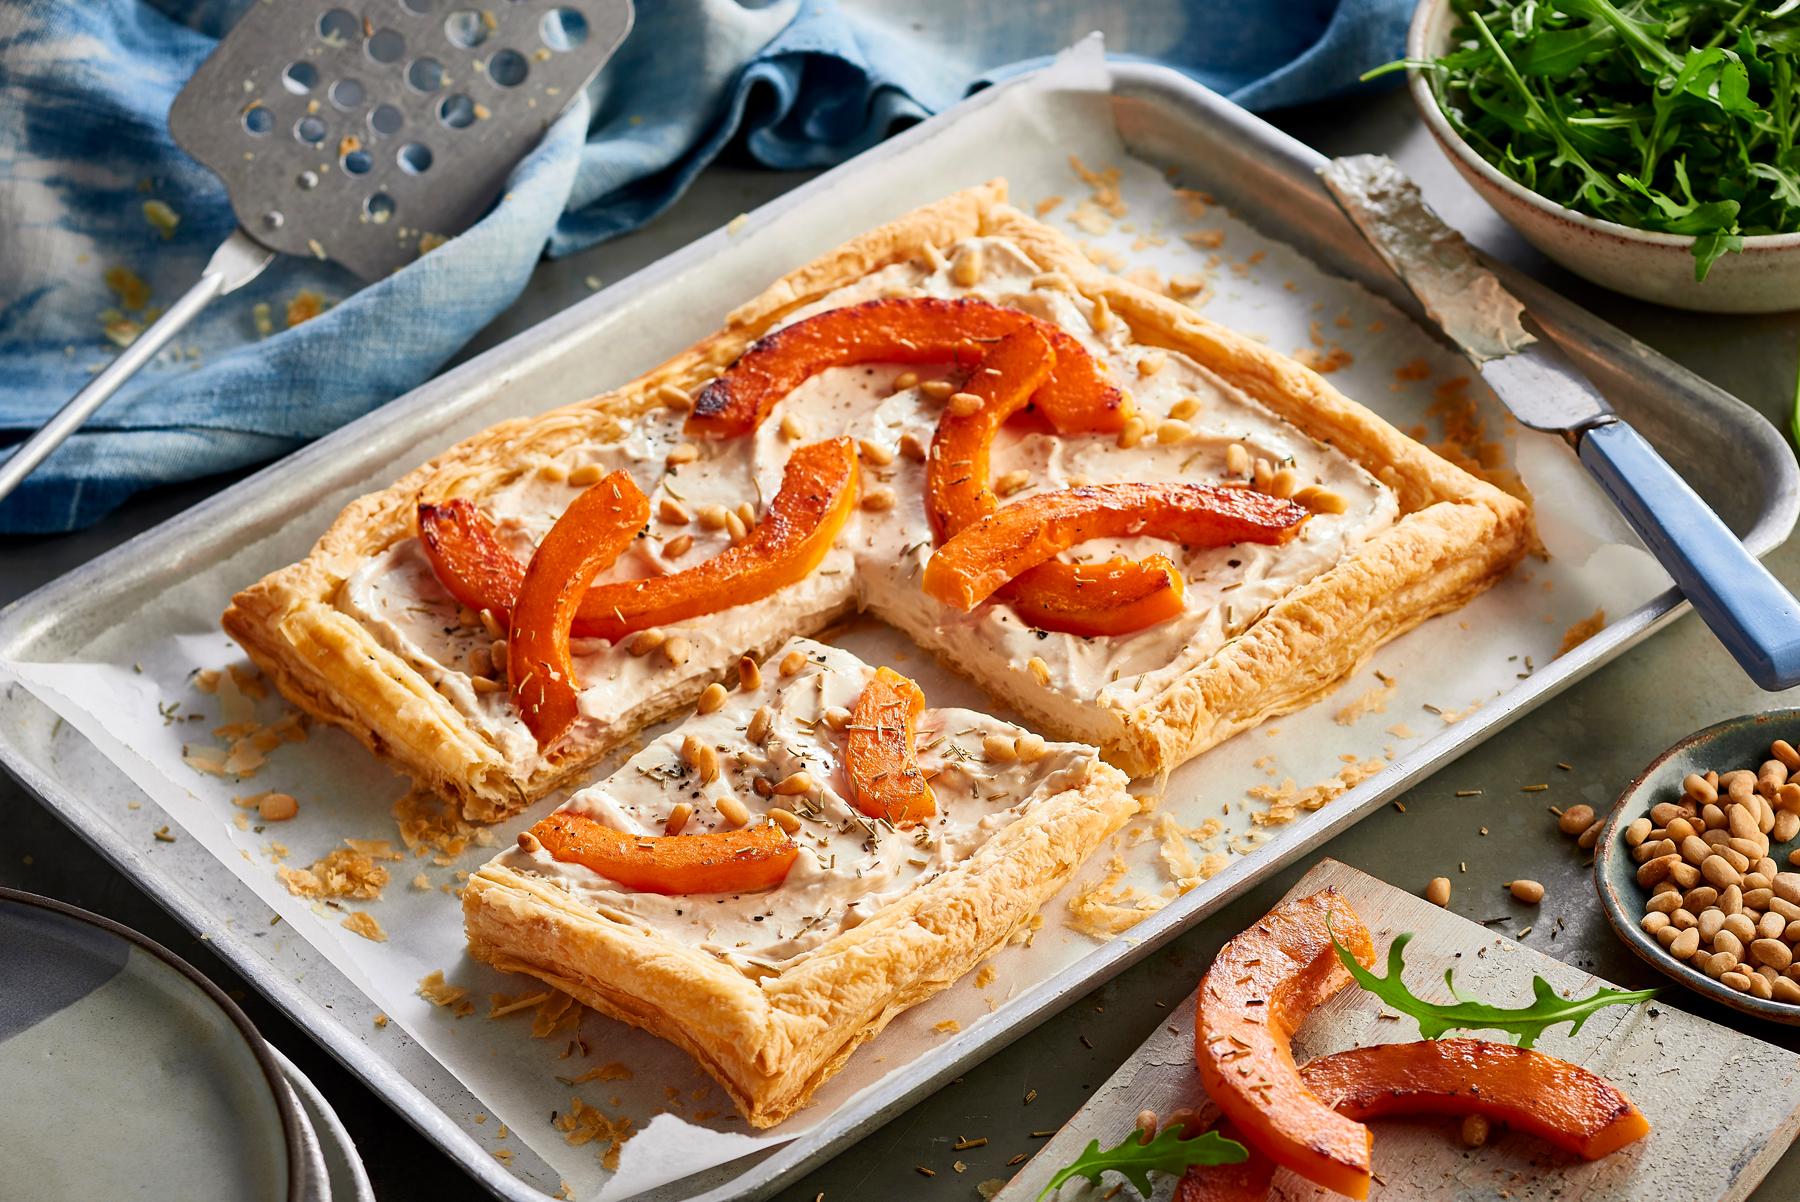 Philadelphia pastry dish